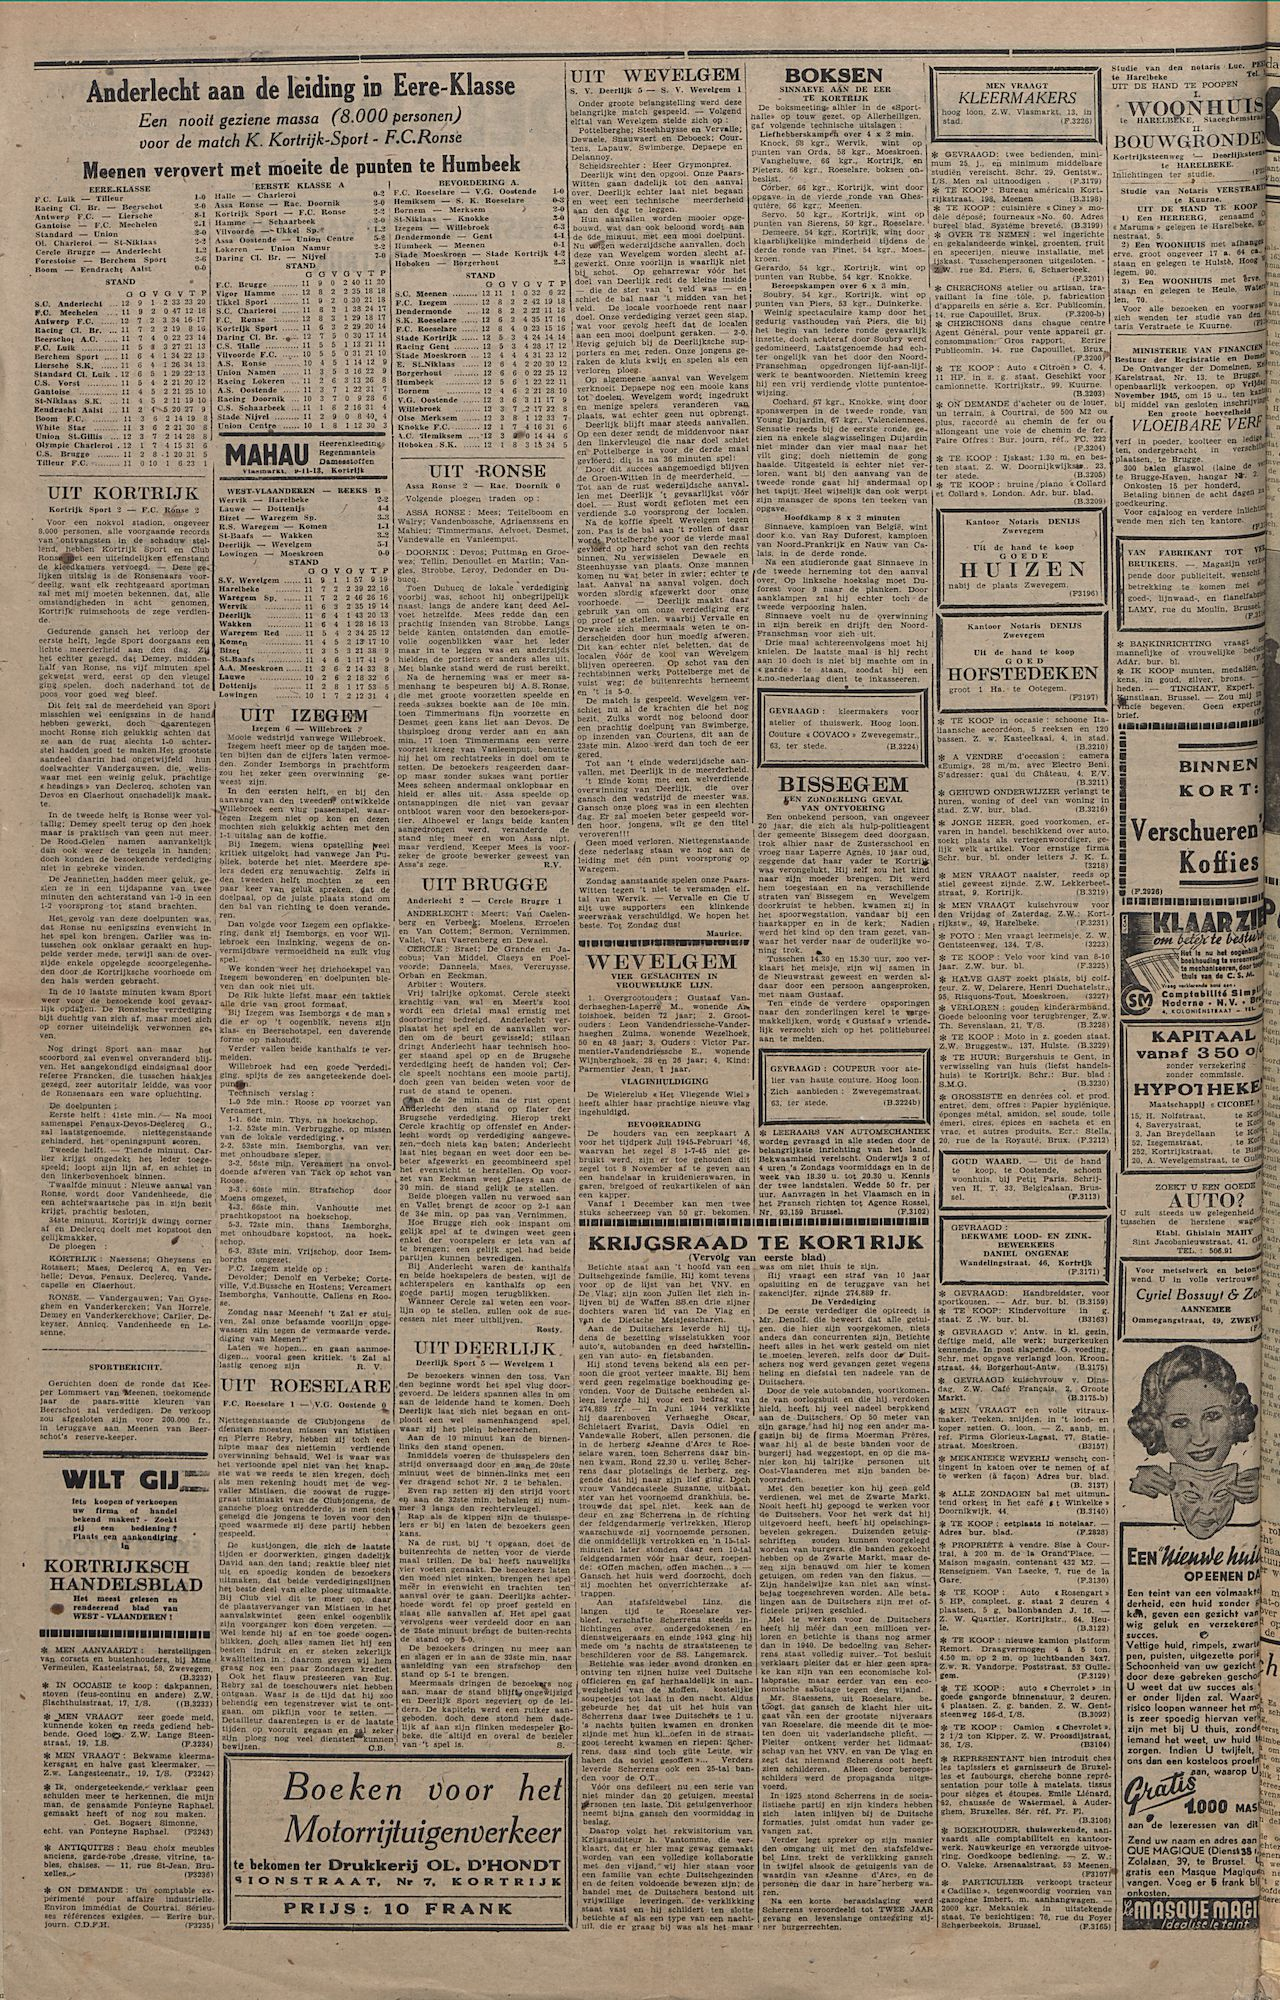 Kortrijksch Handelsblad 7 november 1945 Nr89 p2